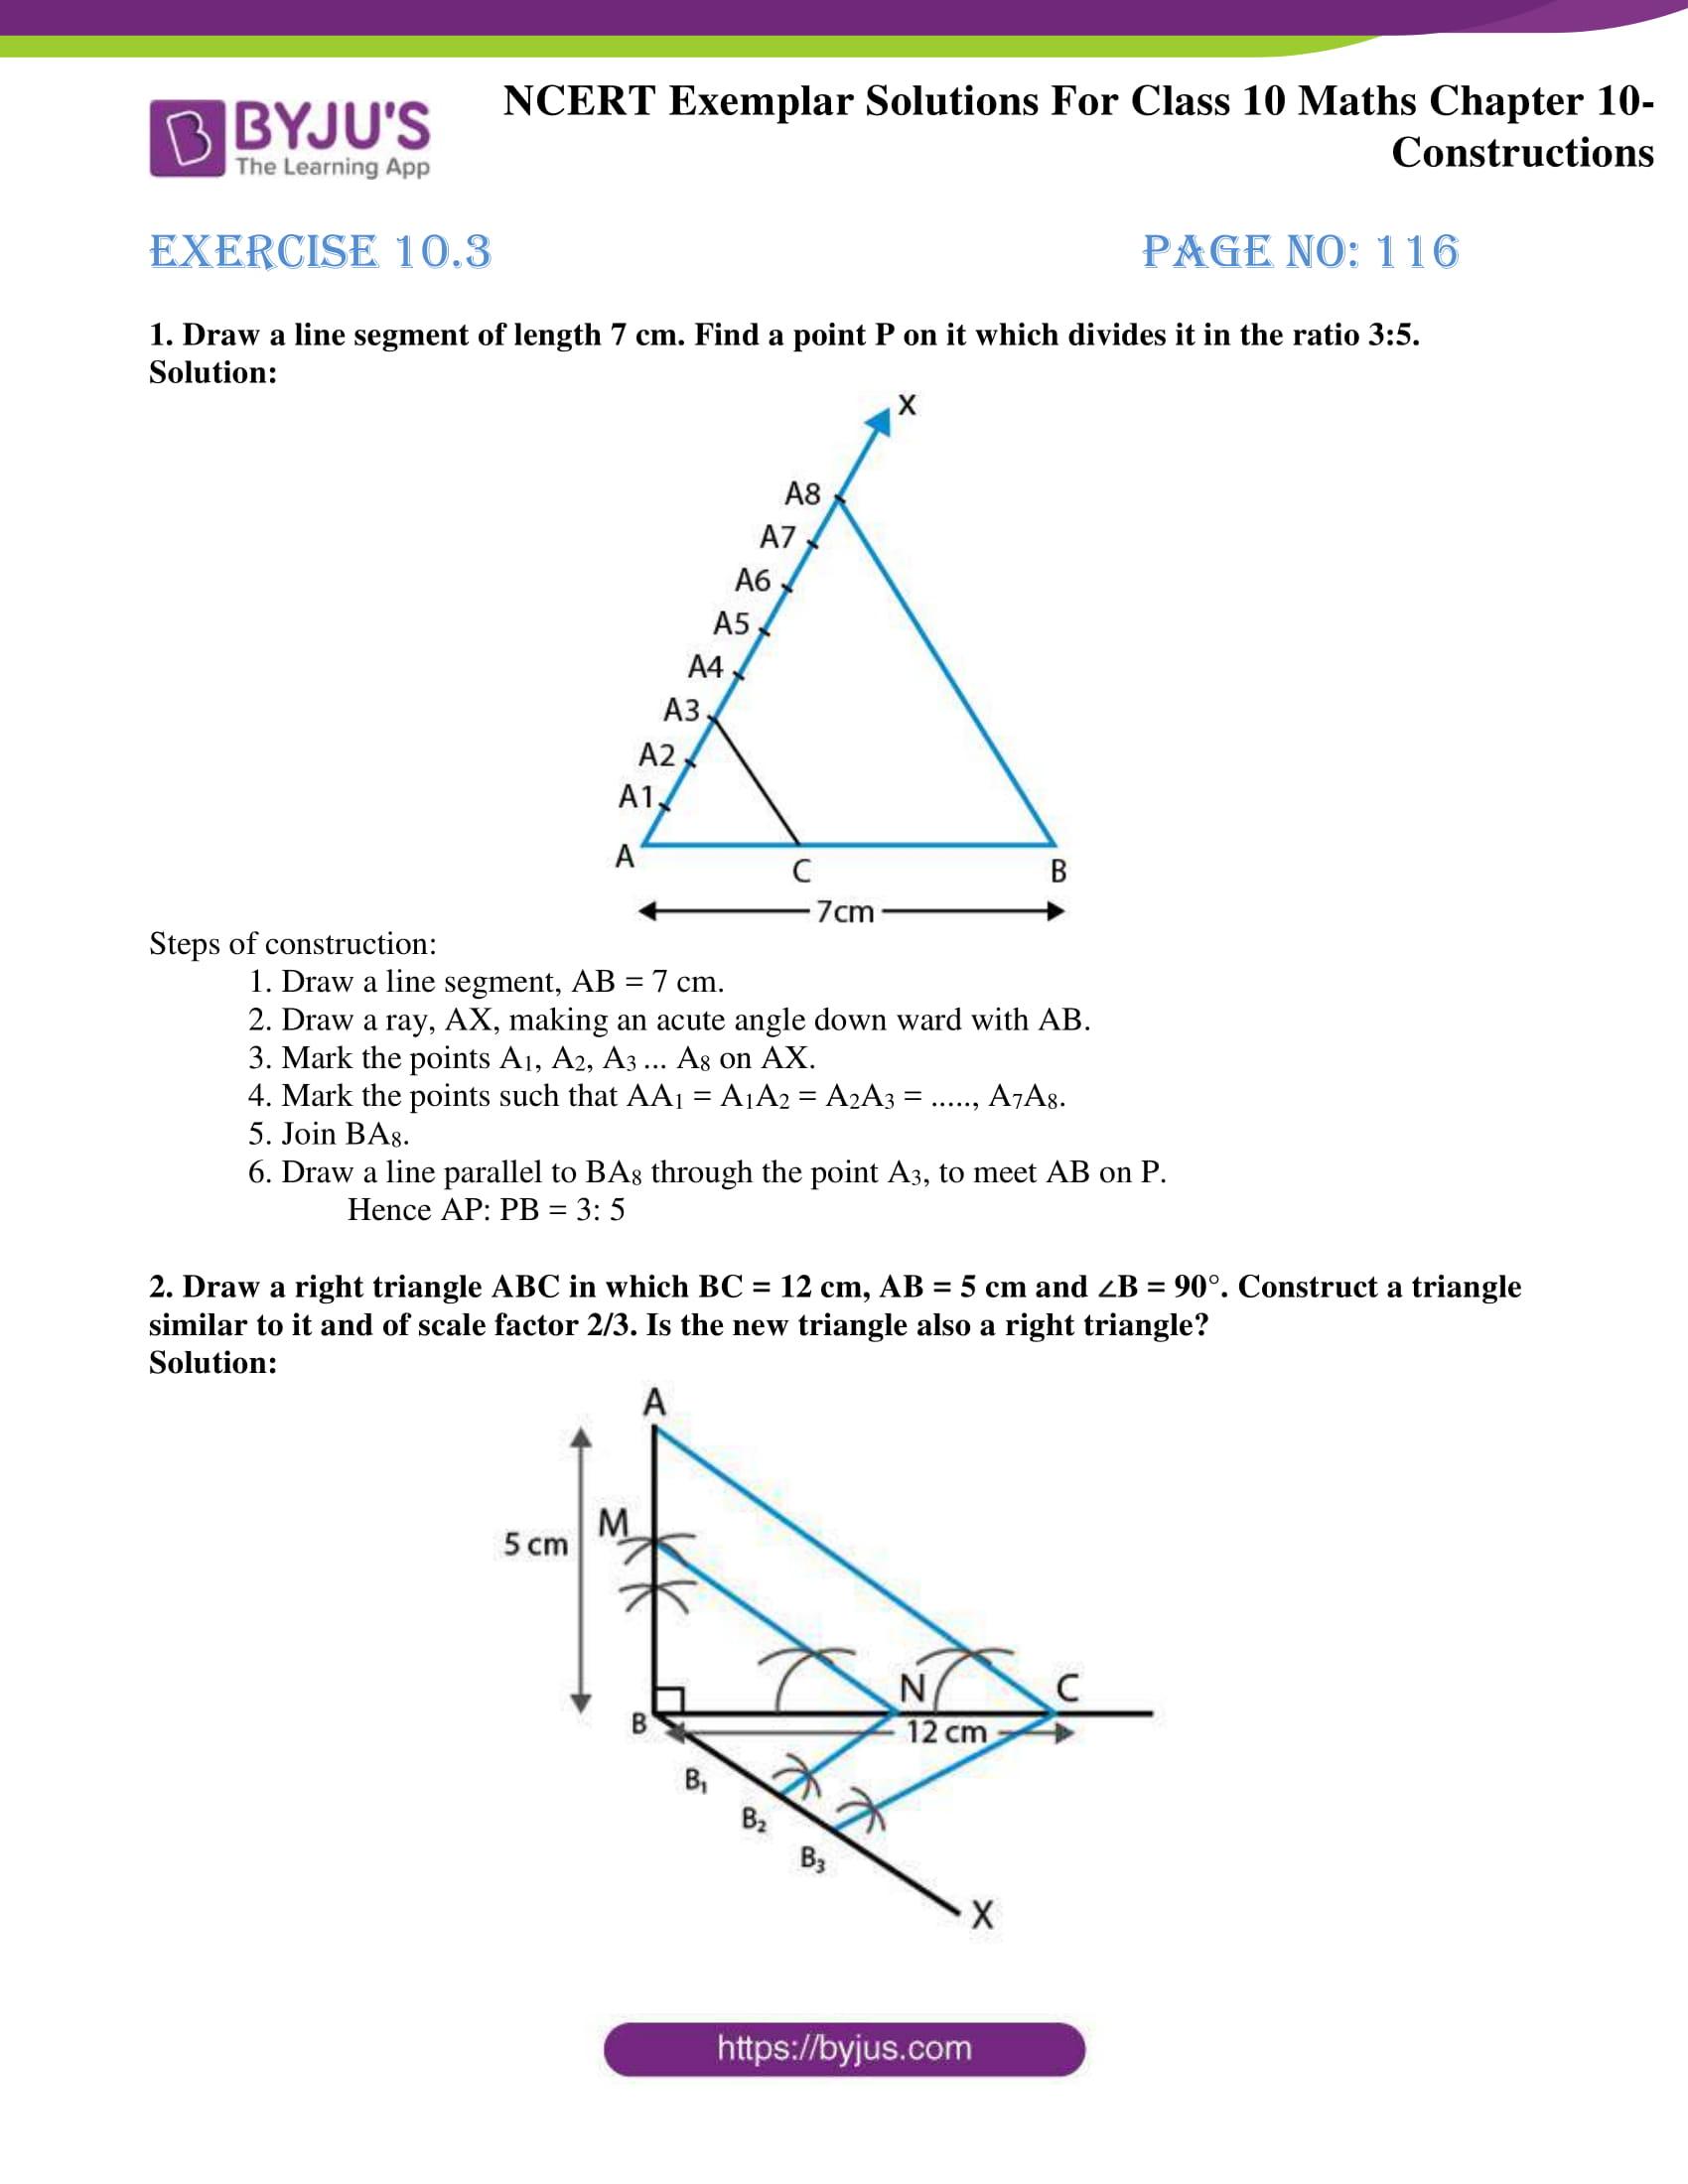 ncert exemplar solution for class 10 maths chapter 10